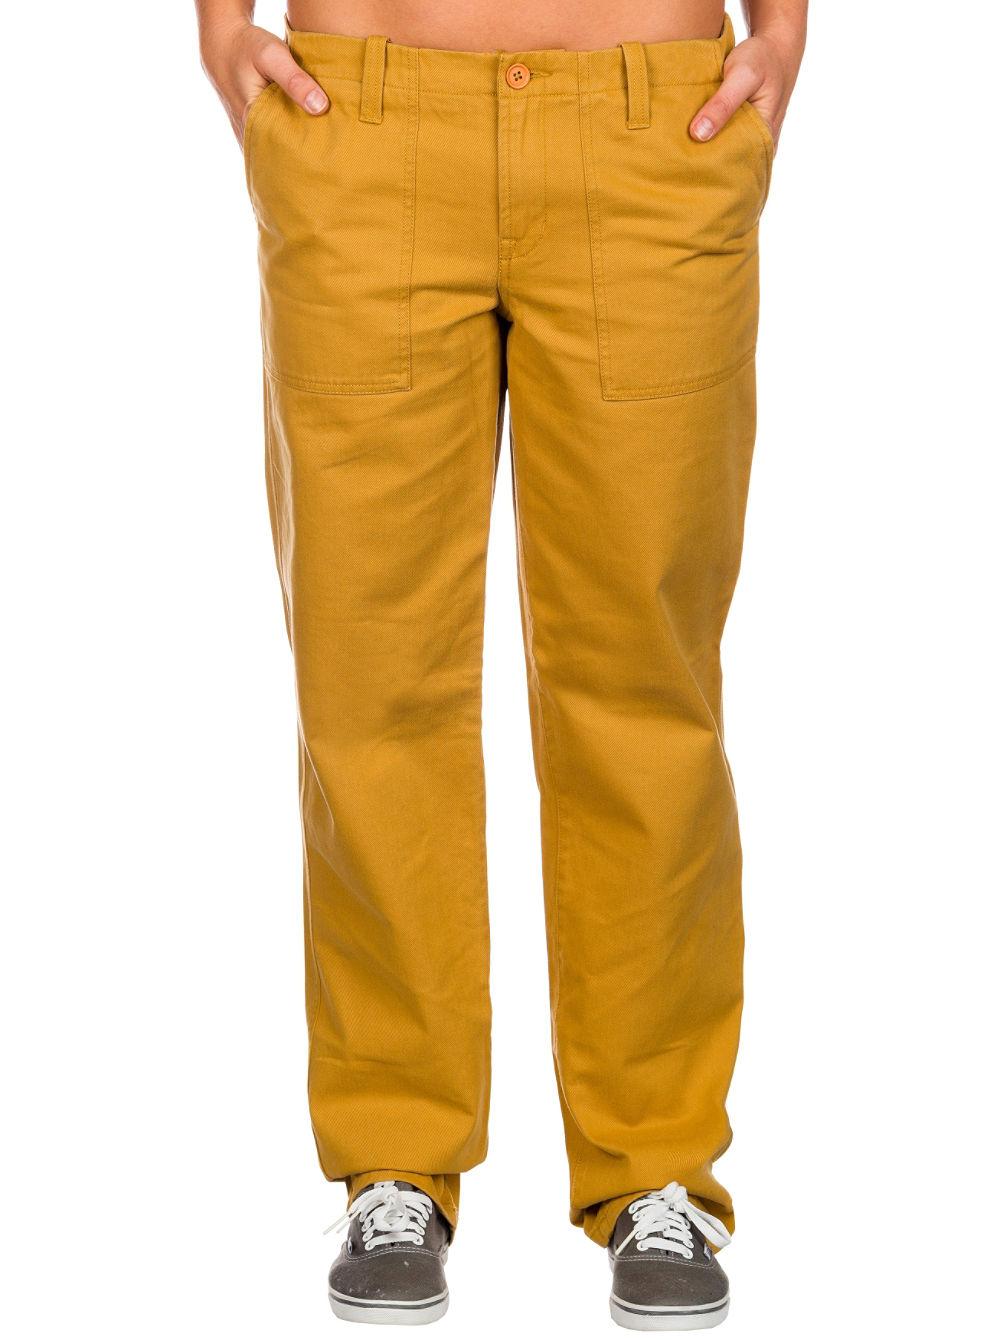 burton-surplus-pants